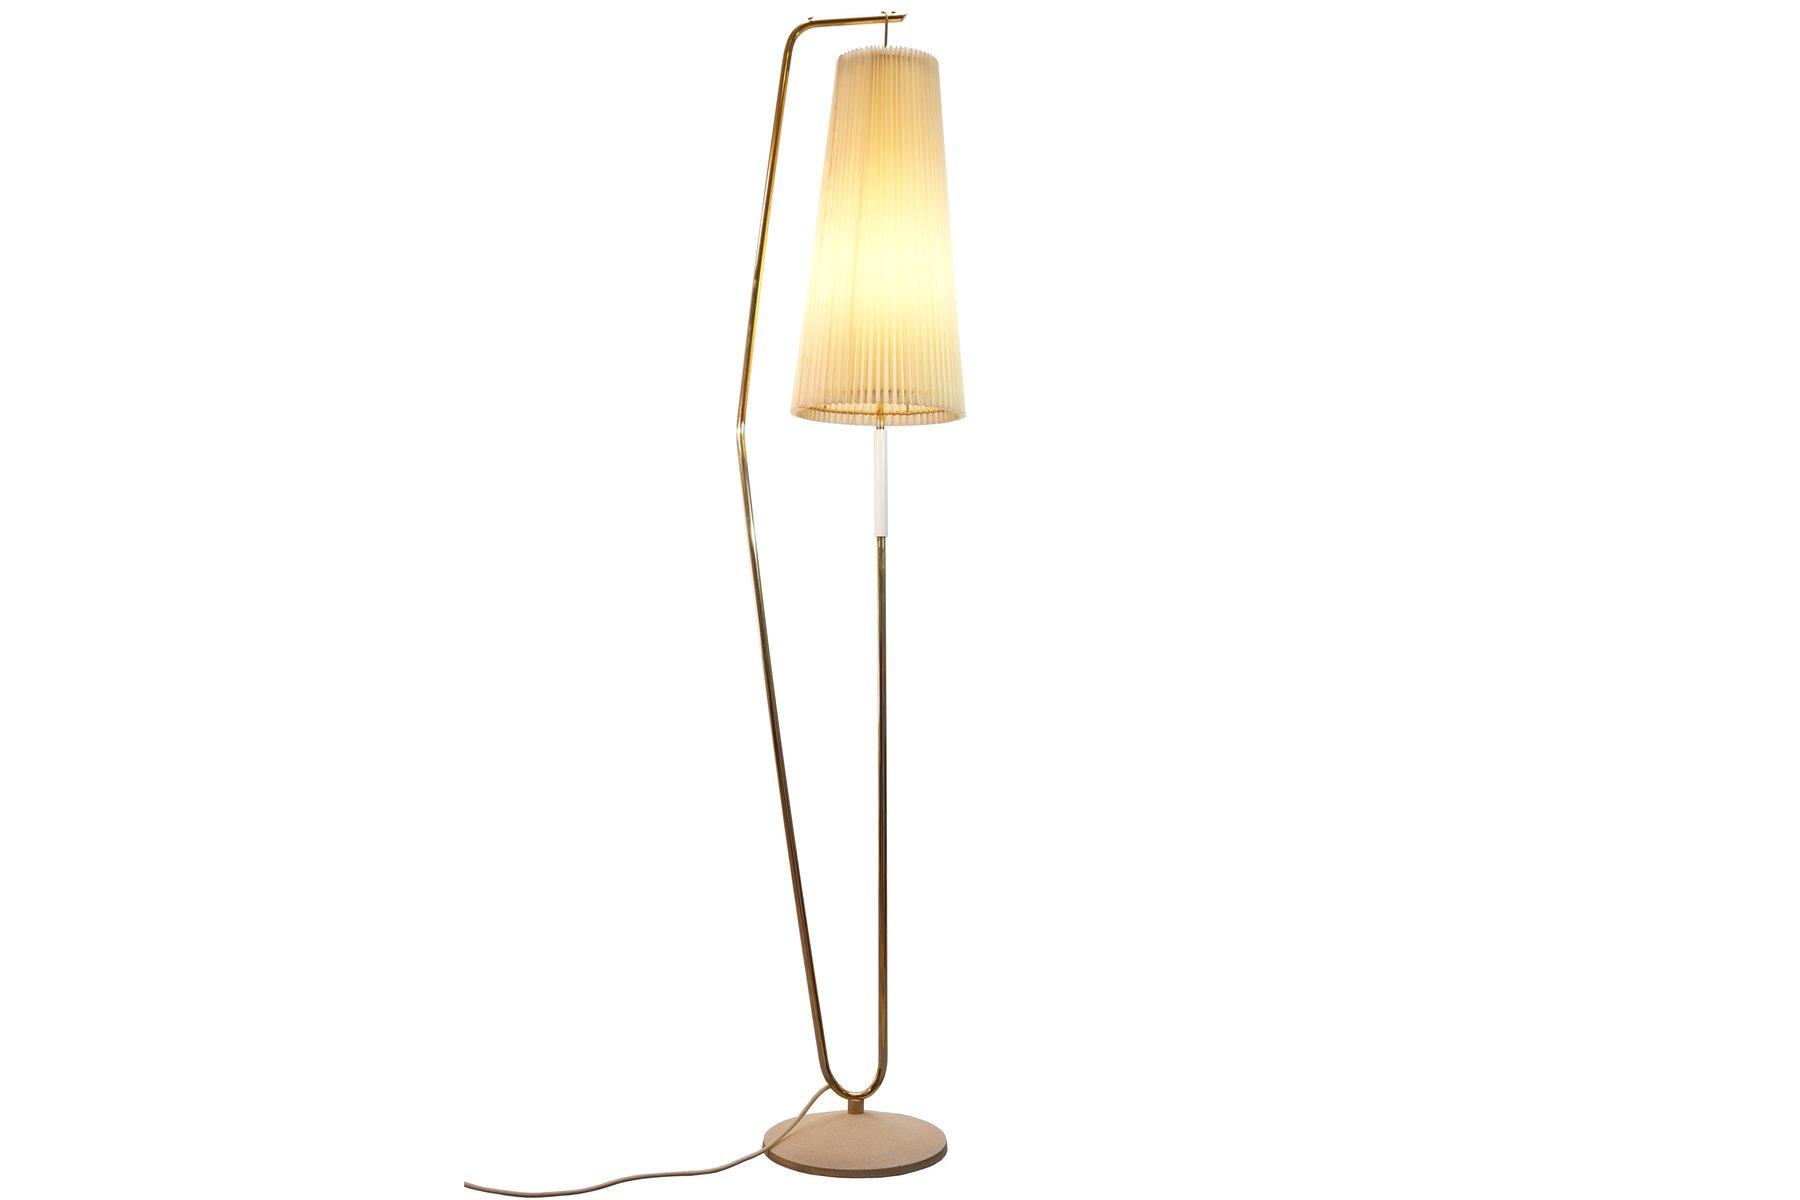 Genial Stehlampe Mit Schirm Sammlung Von In Creme, 1950er